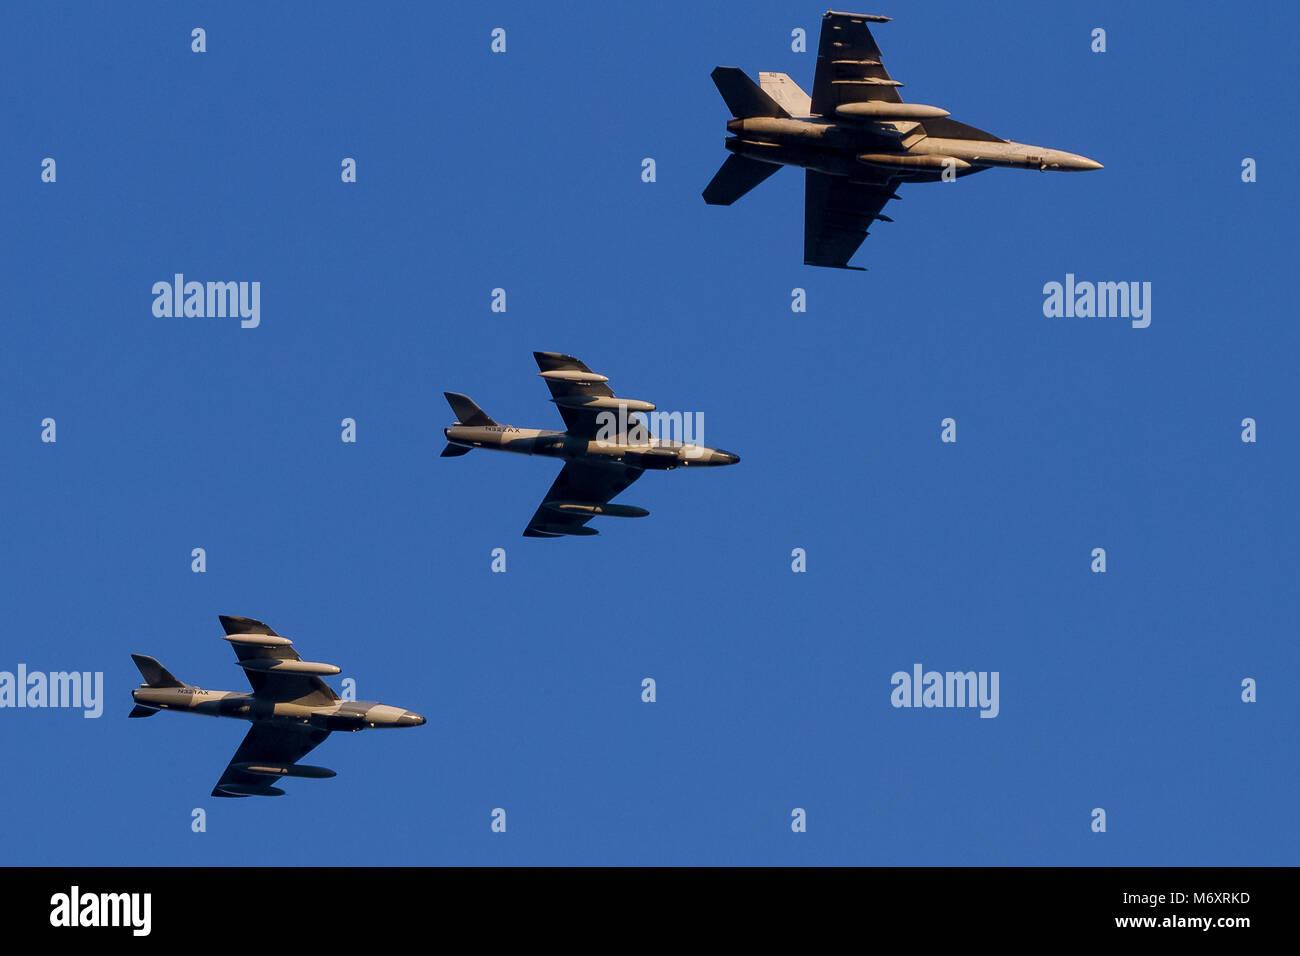 Un US Navy F18 Hornet e due vecchie Hawker Hunter Mark 58s battenti per la Airborne Tactical Advantage Company (ATAC) Immagini Stock